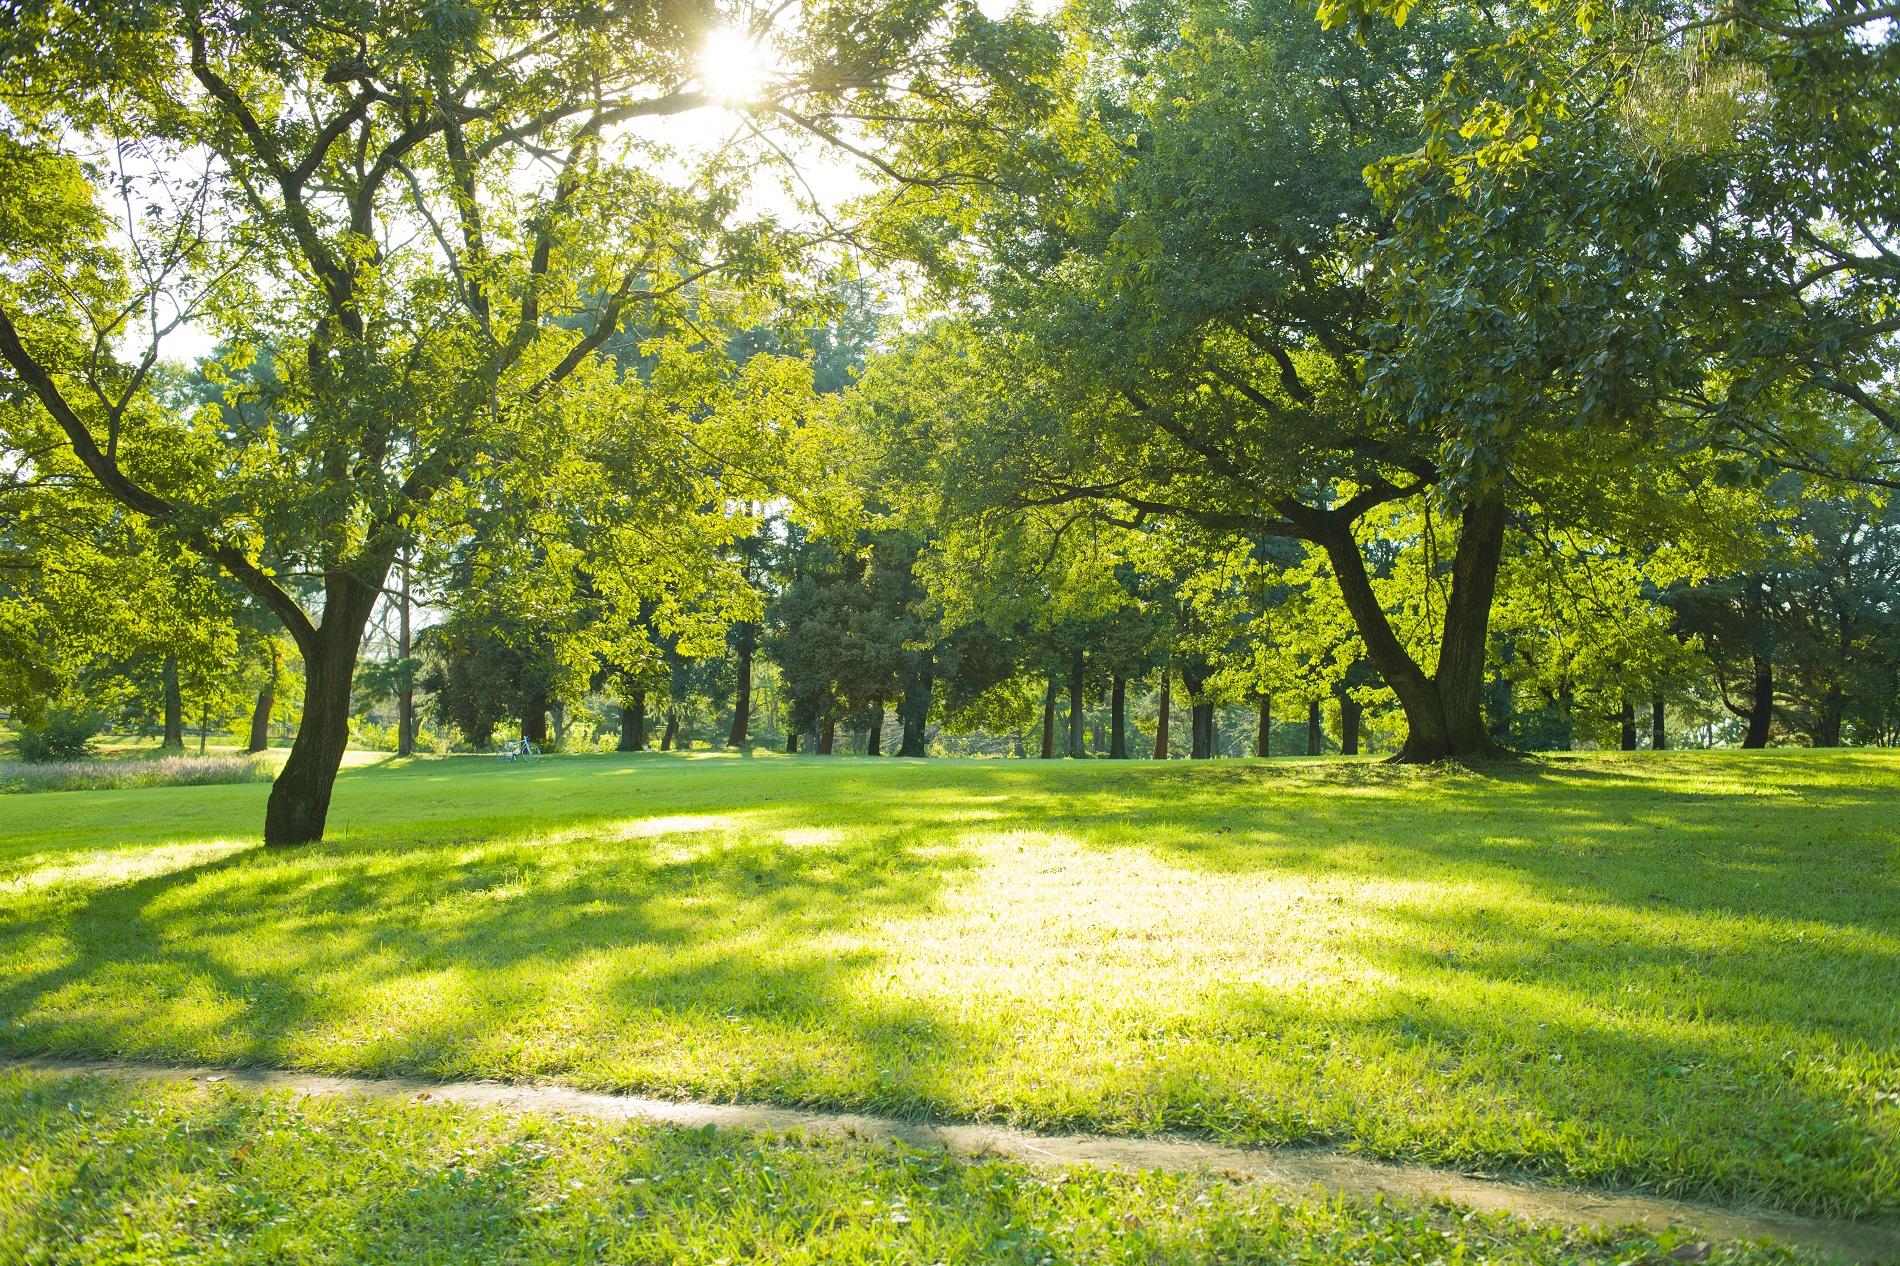 La Sanidad Vegetal y su papel esencial para la protección y mantenimiento óptimo de áreas verdes